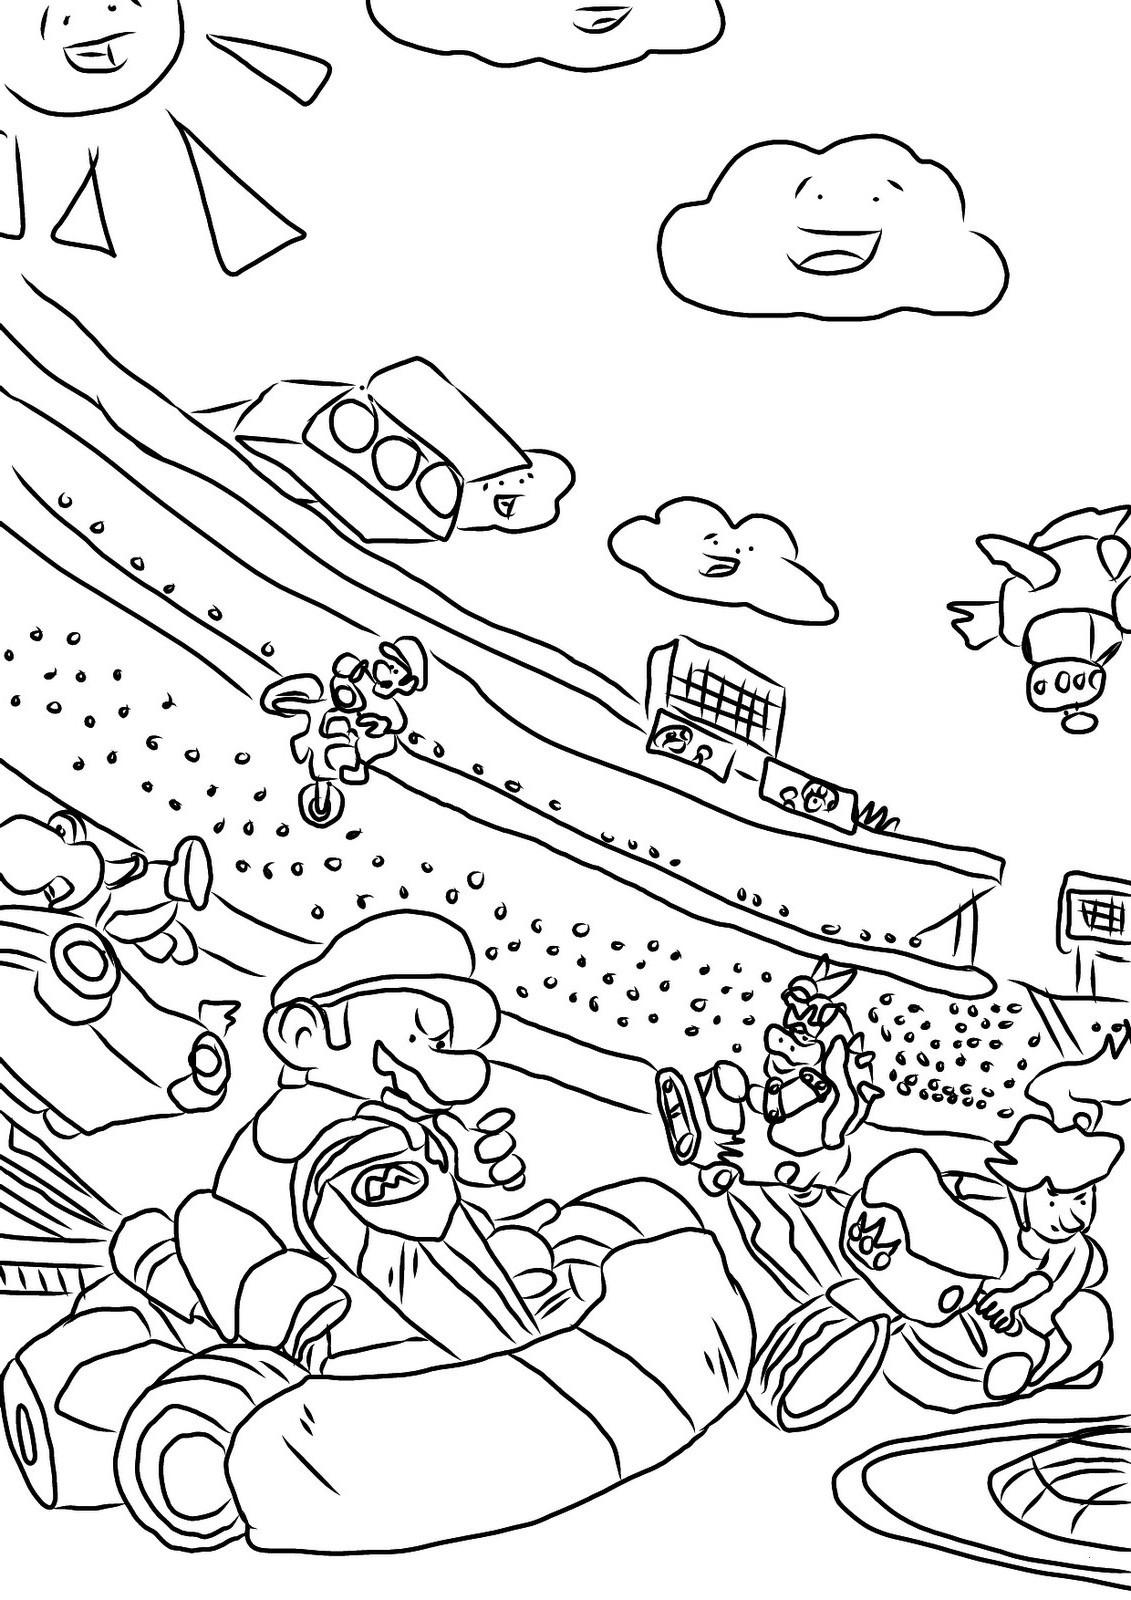 Super Mario Malvorlagen Genial 34 Schön Mario Ausmalbilder – Malvorlagen Ideen Das Bild